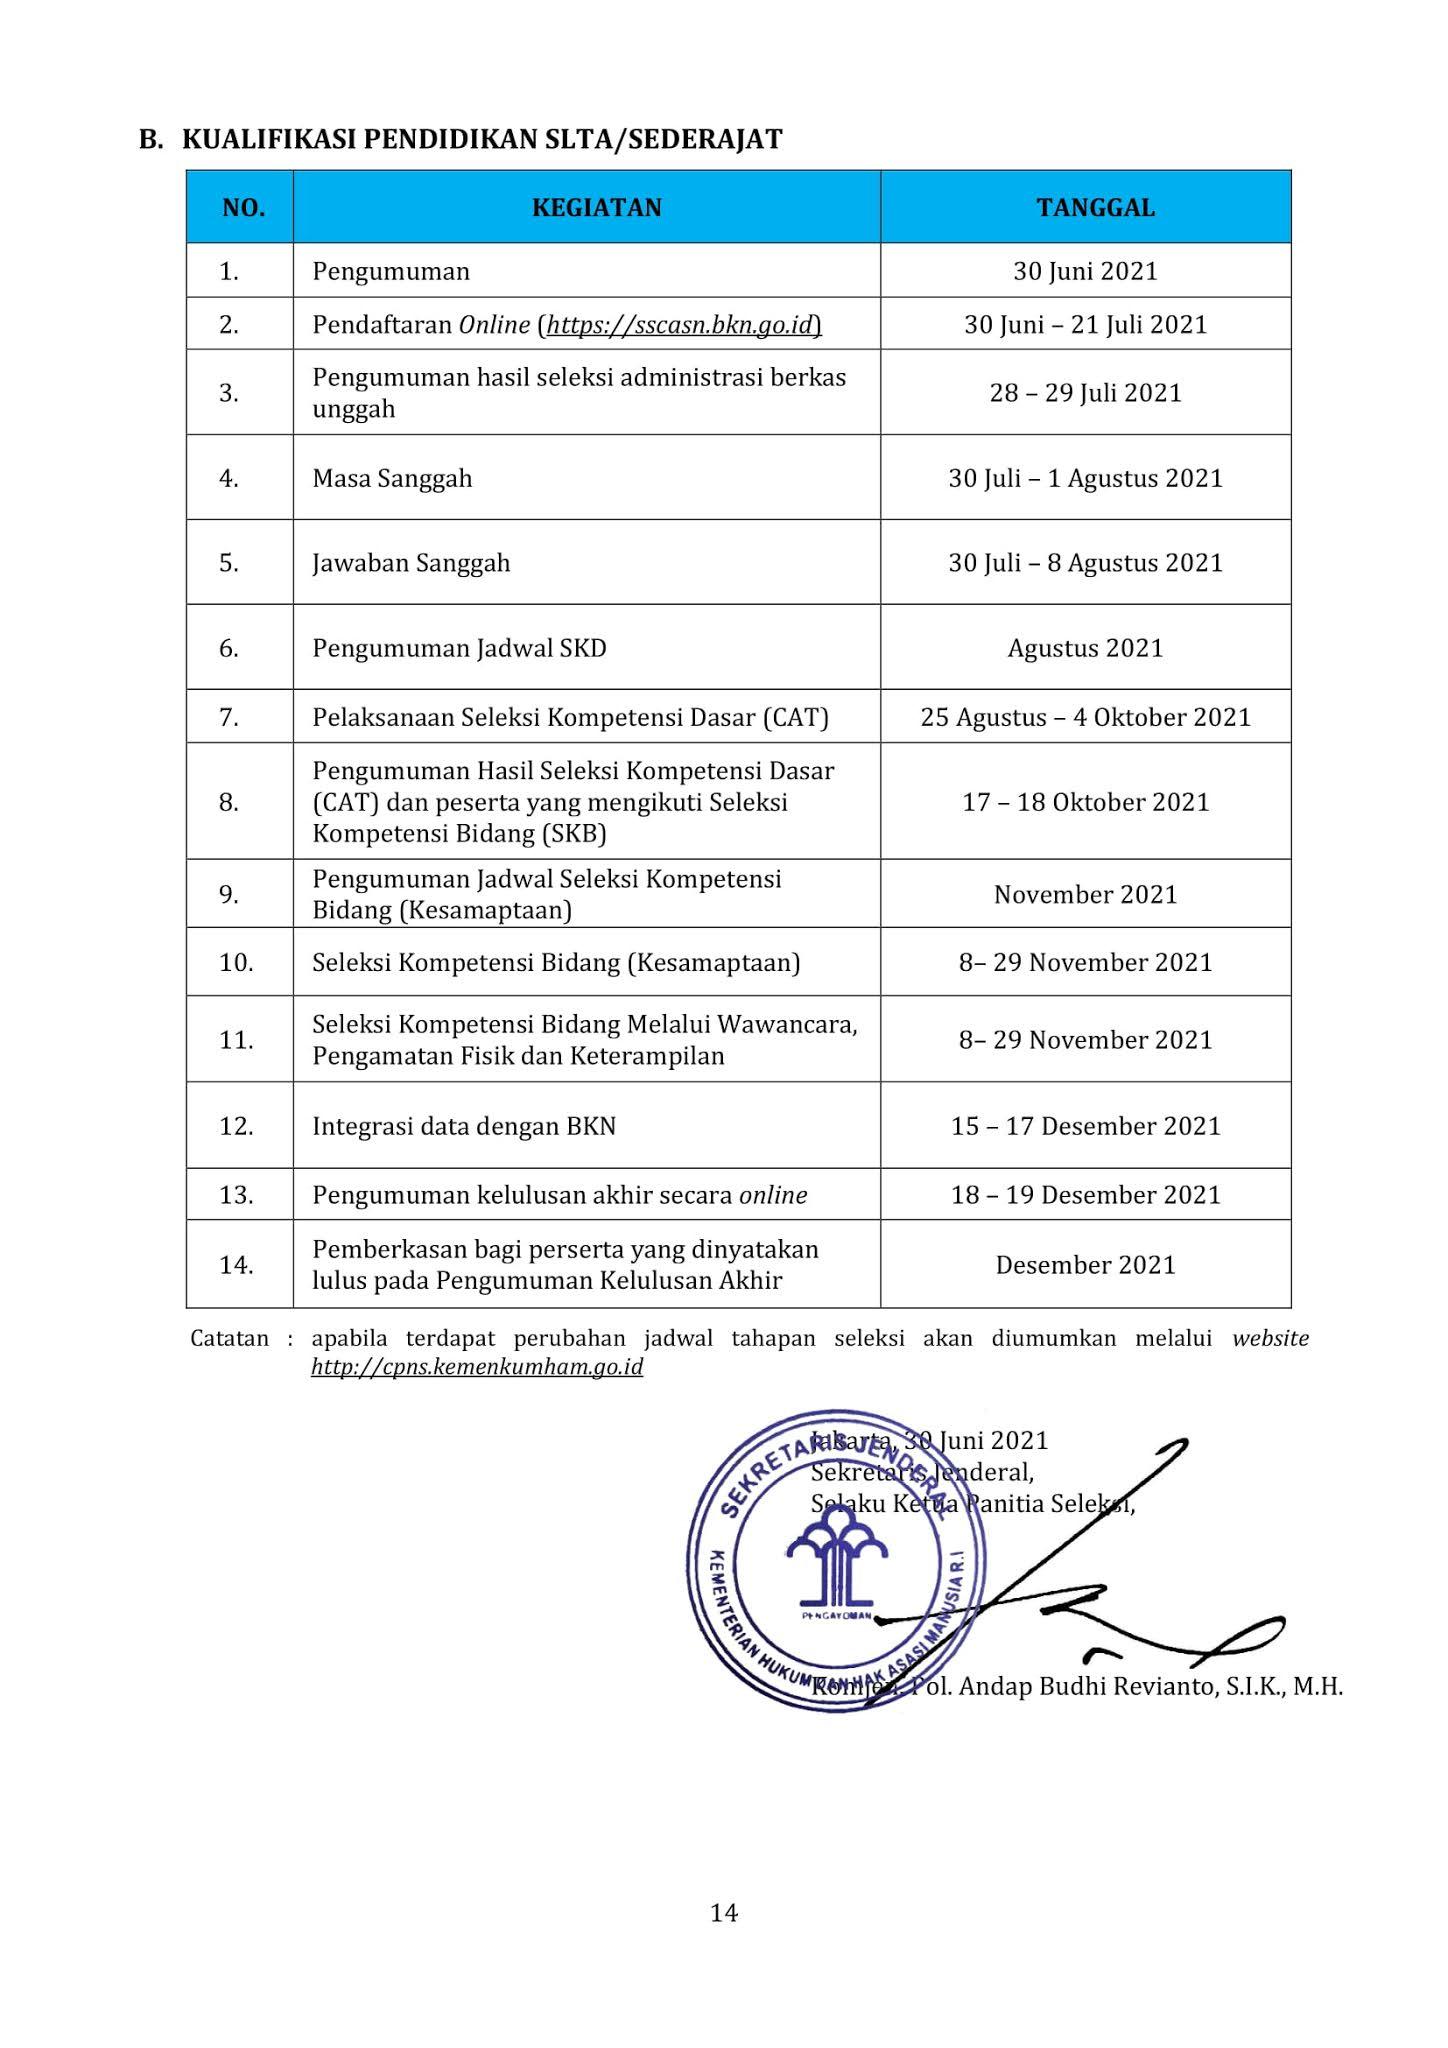 Lowongan Kerja CPNS Kementerian Hukum dan Hak Asasi Manusia Republik Indonesia Tahun Anggaran 2021